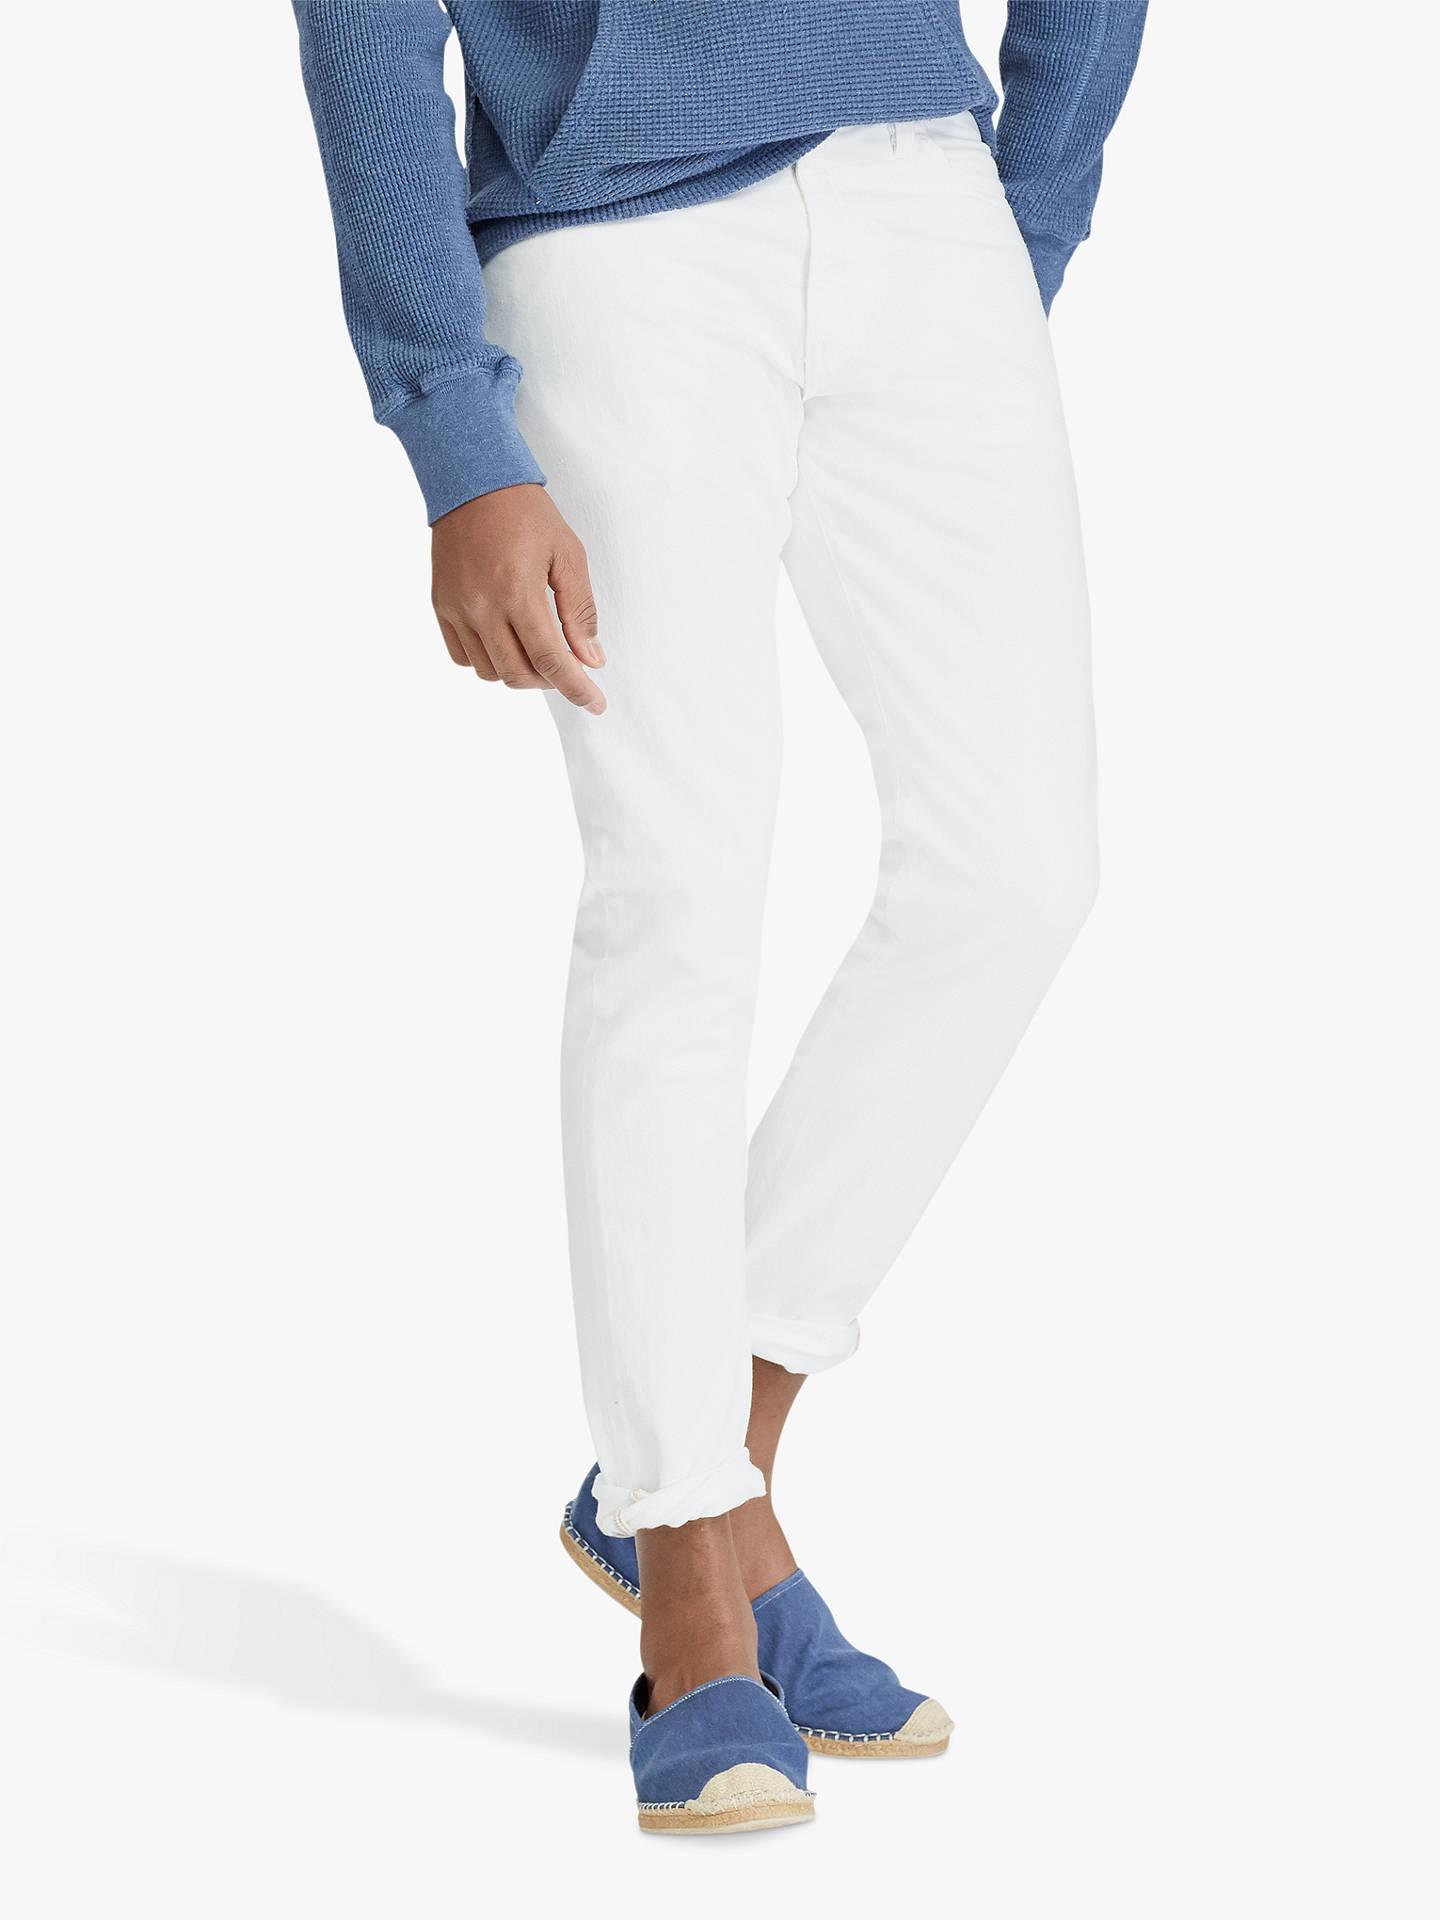 165660e2538d Buy Polo Ralph Lauren Sullivan Slim Fit Five Pocket Jeans